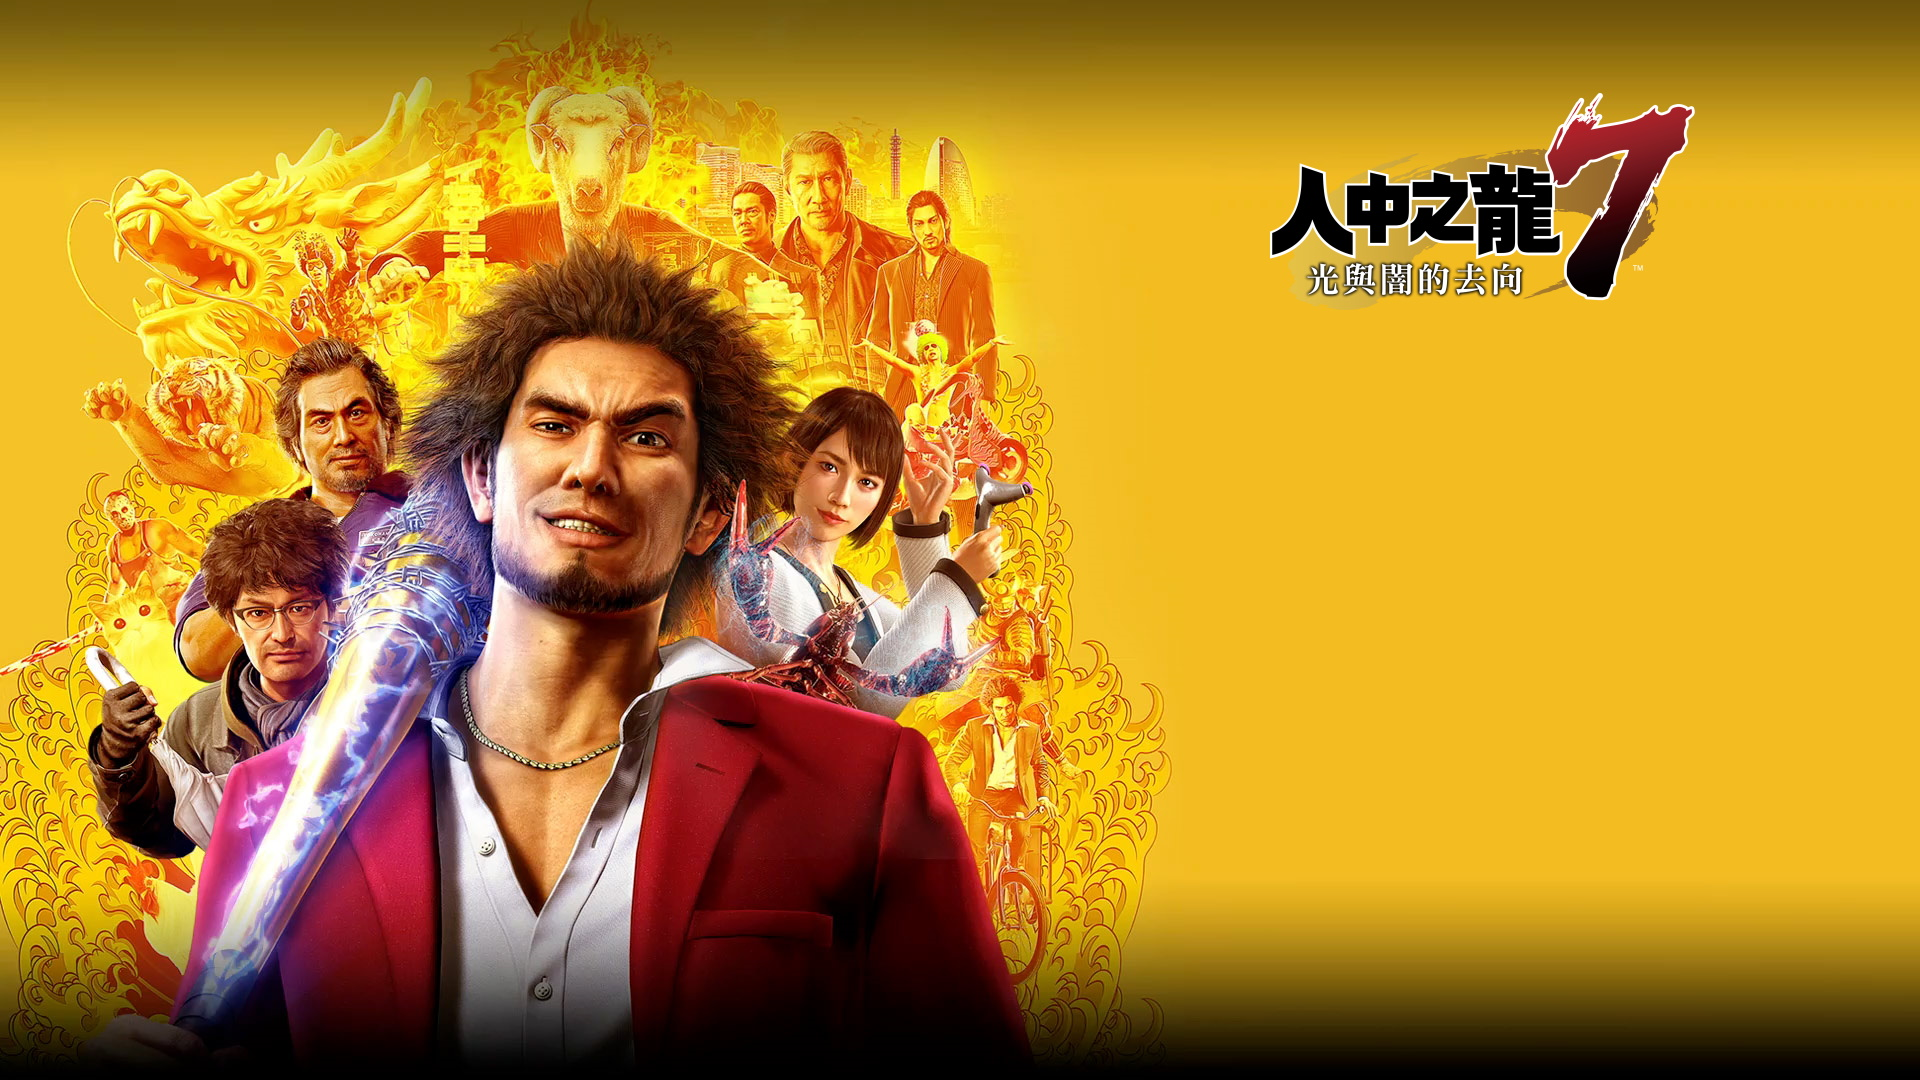 《人中之龍 7:光與闇的去向》,Ichiban 手持球棒,身旁是其他幾位遊戲人物。